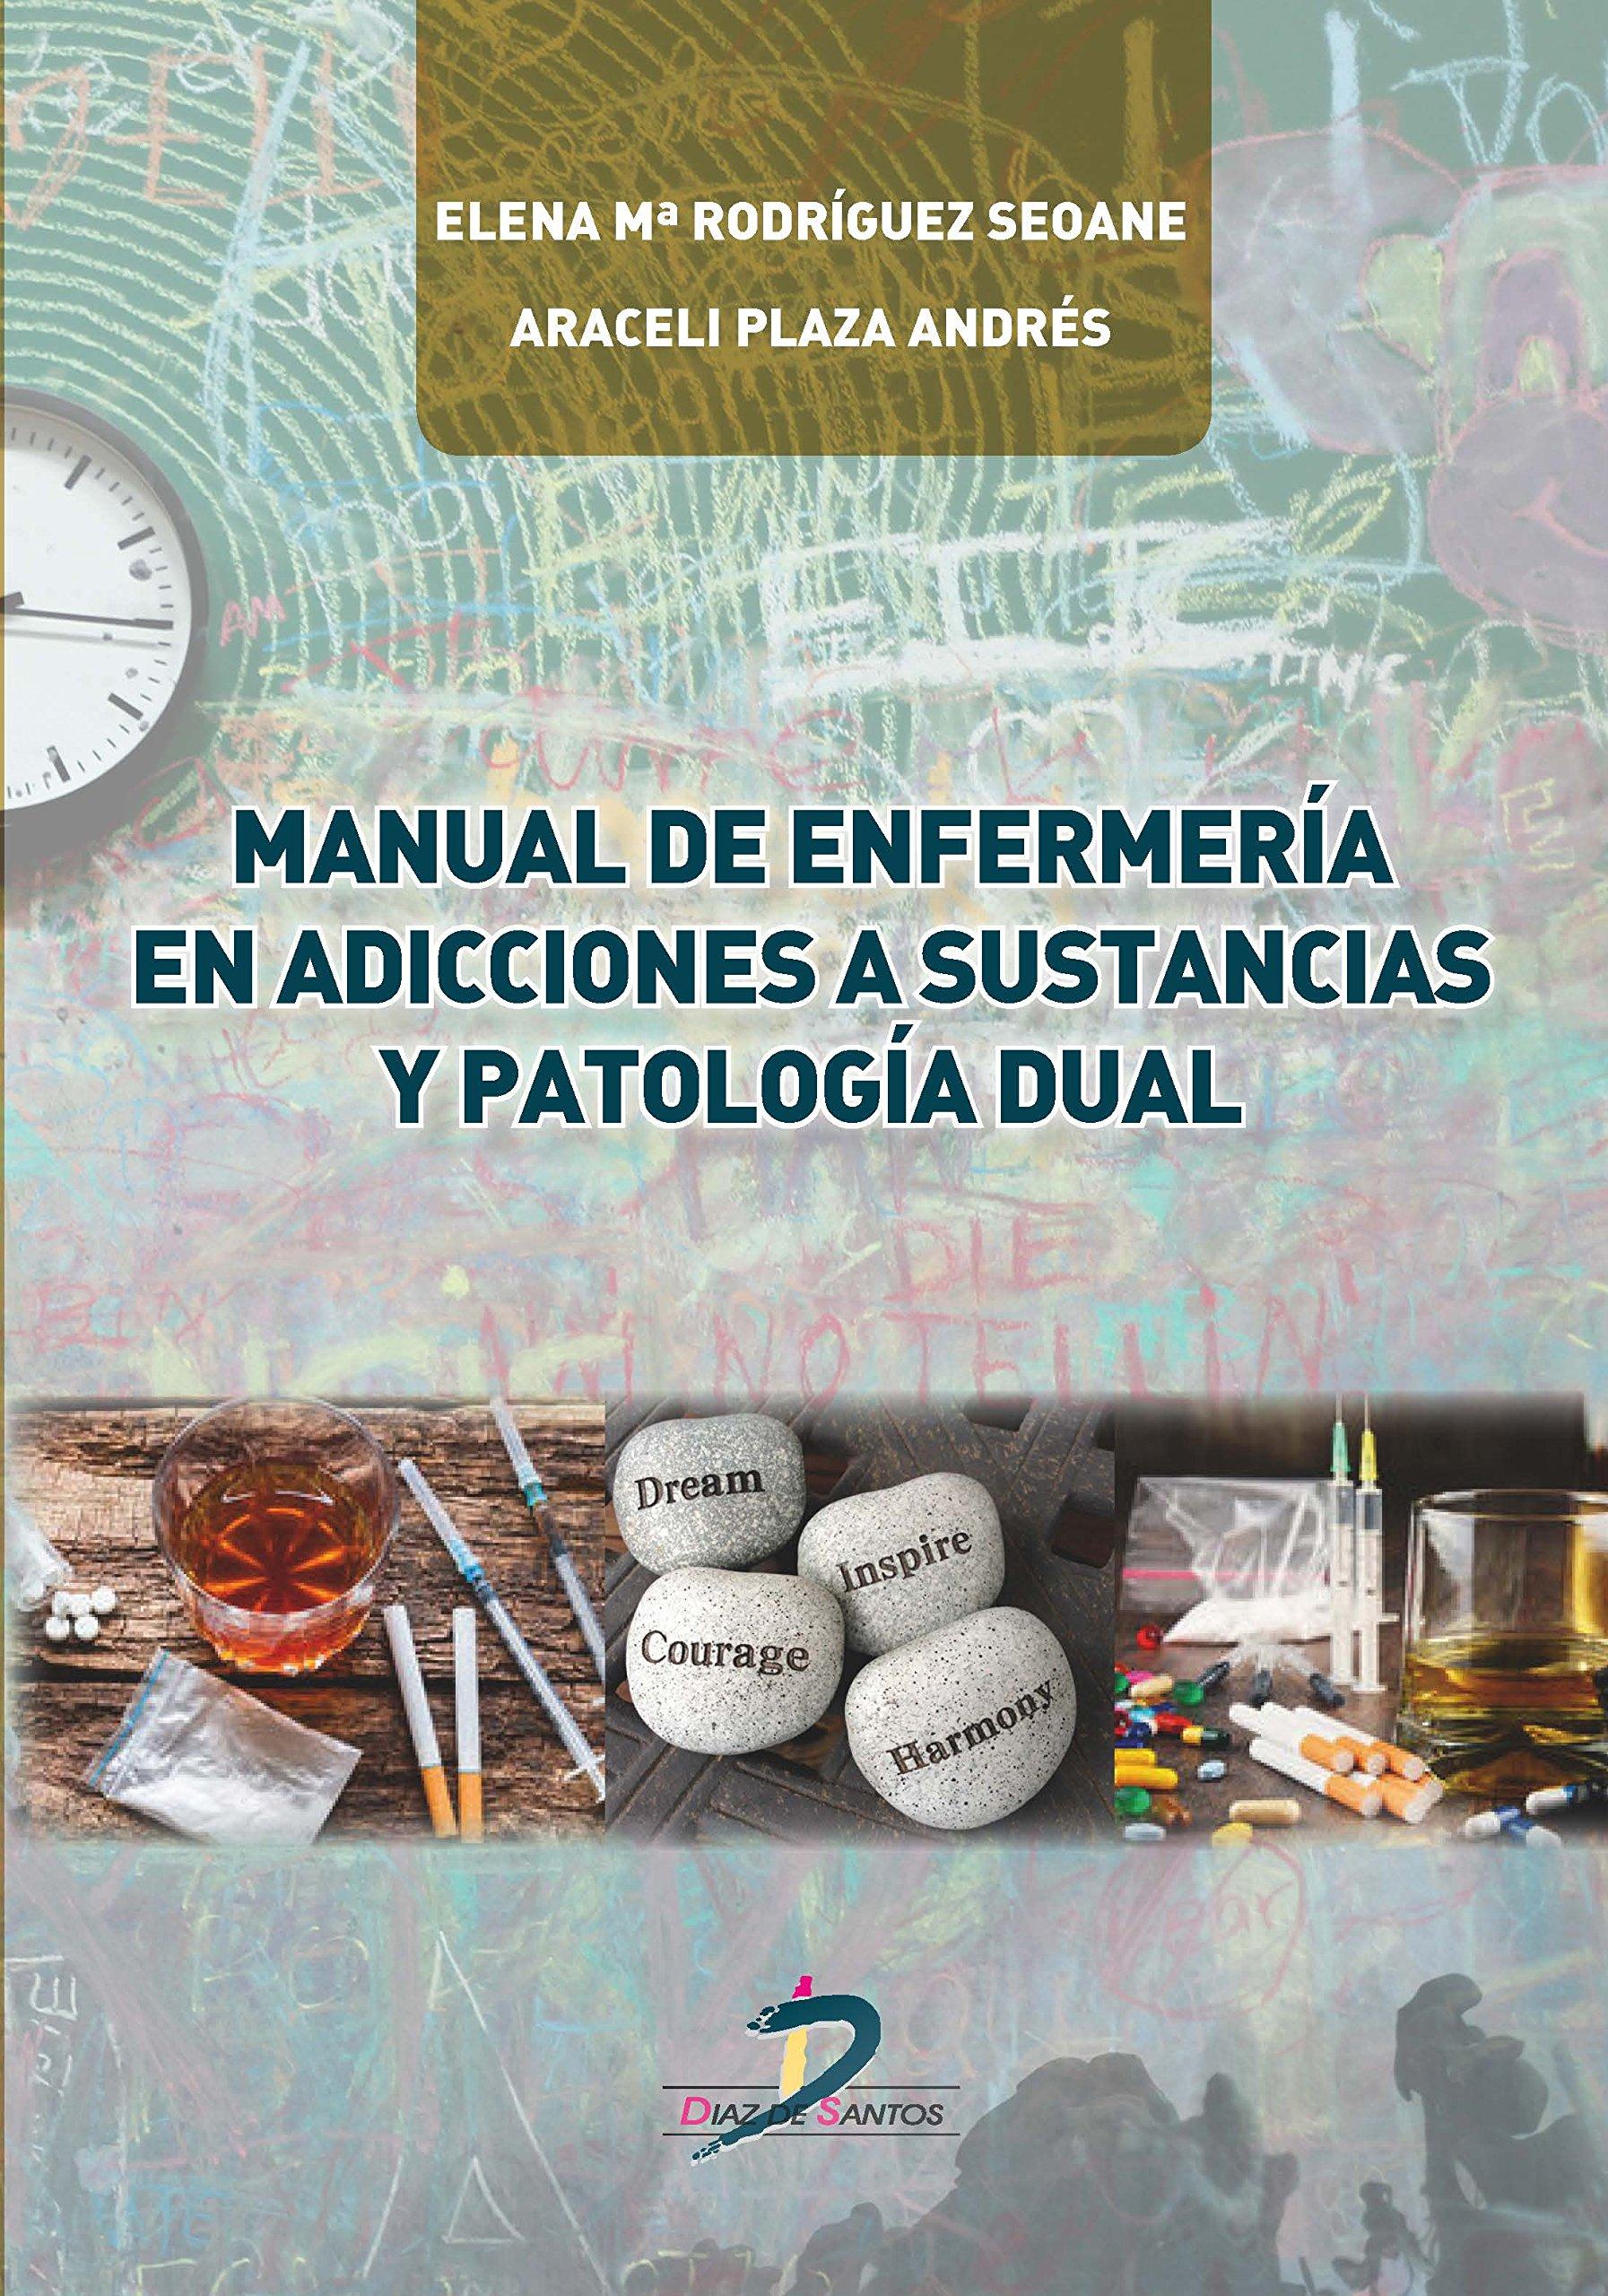 Manual de enfermería en adicciones a sustancias y patología dual: Amazon.es: Elena Rodríguez Seoane, Araceli Plaza Andrés: Libros